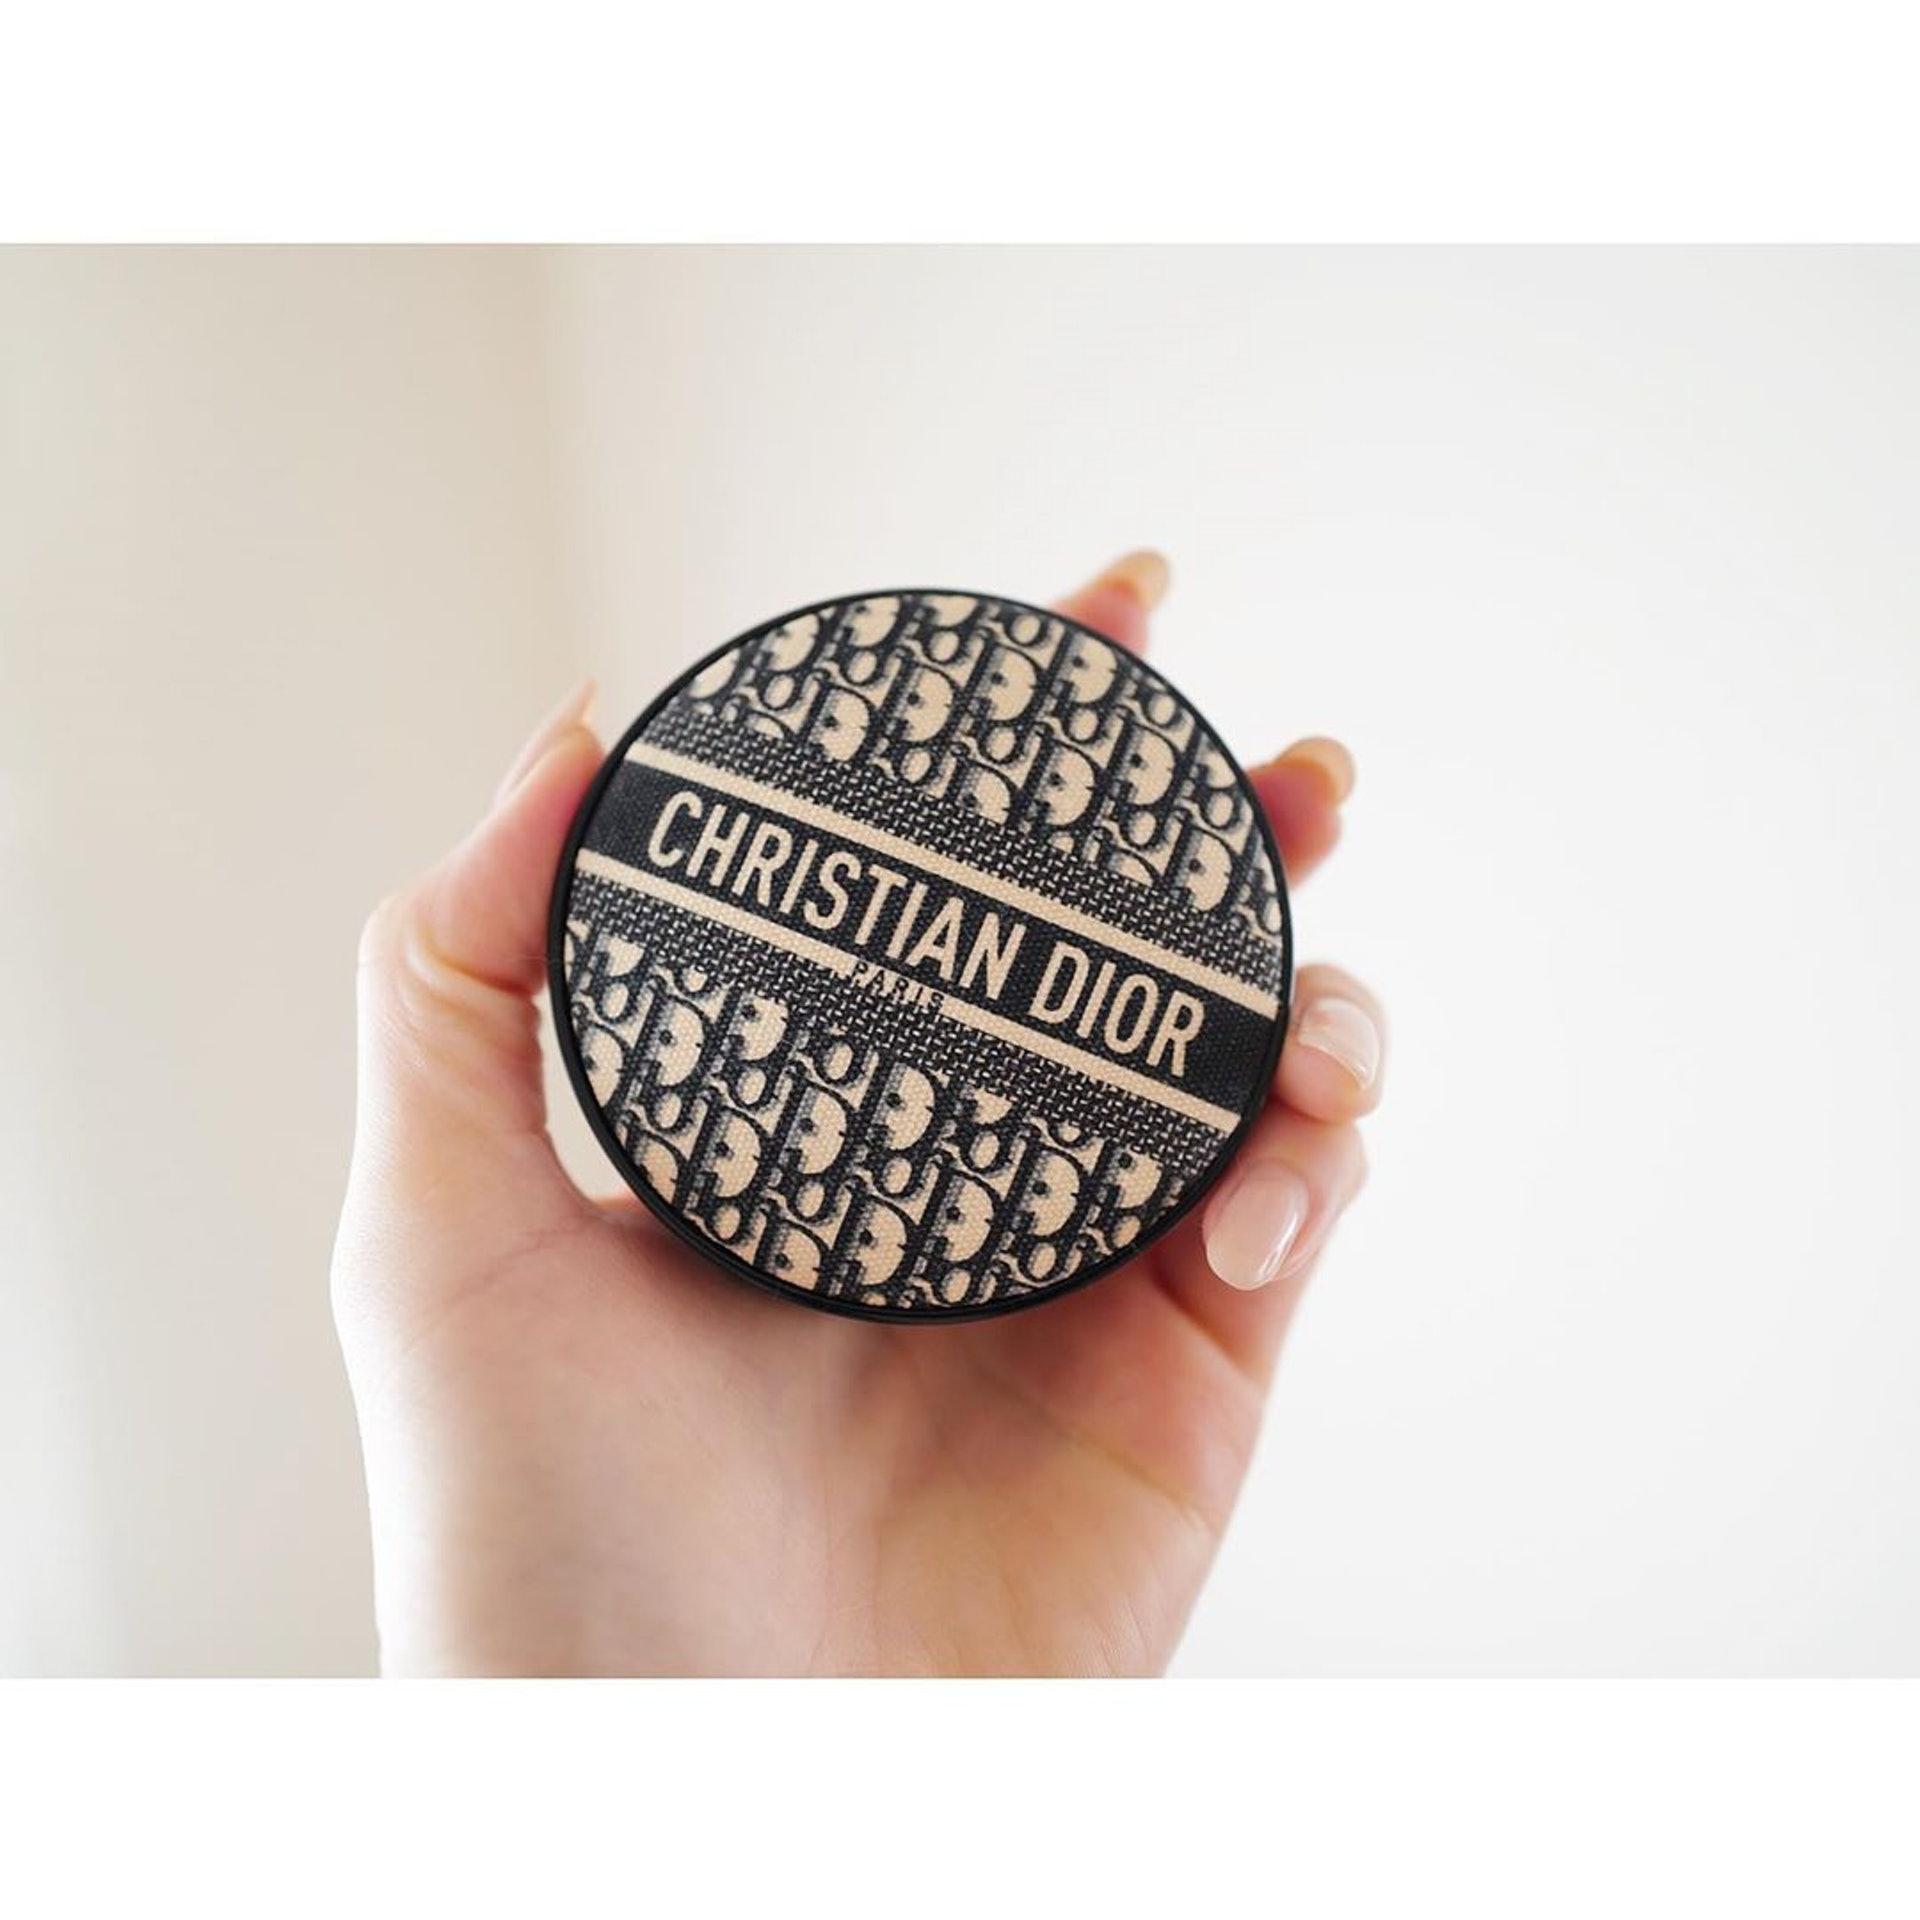 [預購]Dior迪奧超完美柔霧光氣墊粉餅-經典緹花版 SPF35 PA+++多色可選 【SP嚴選家】 5